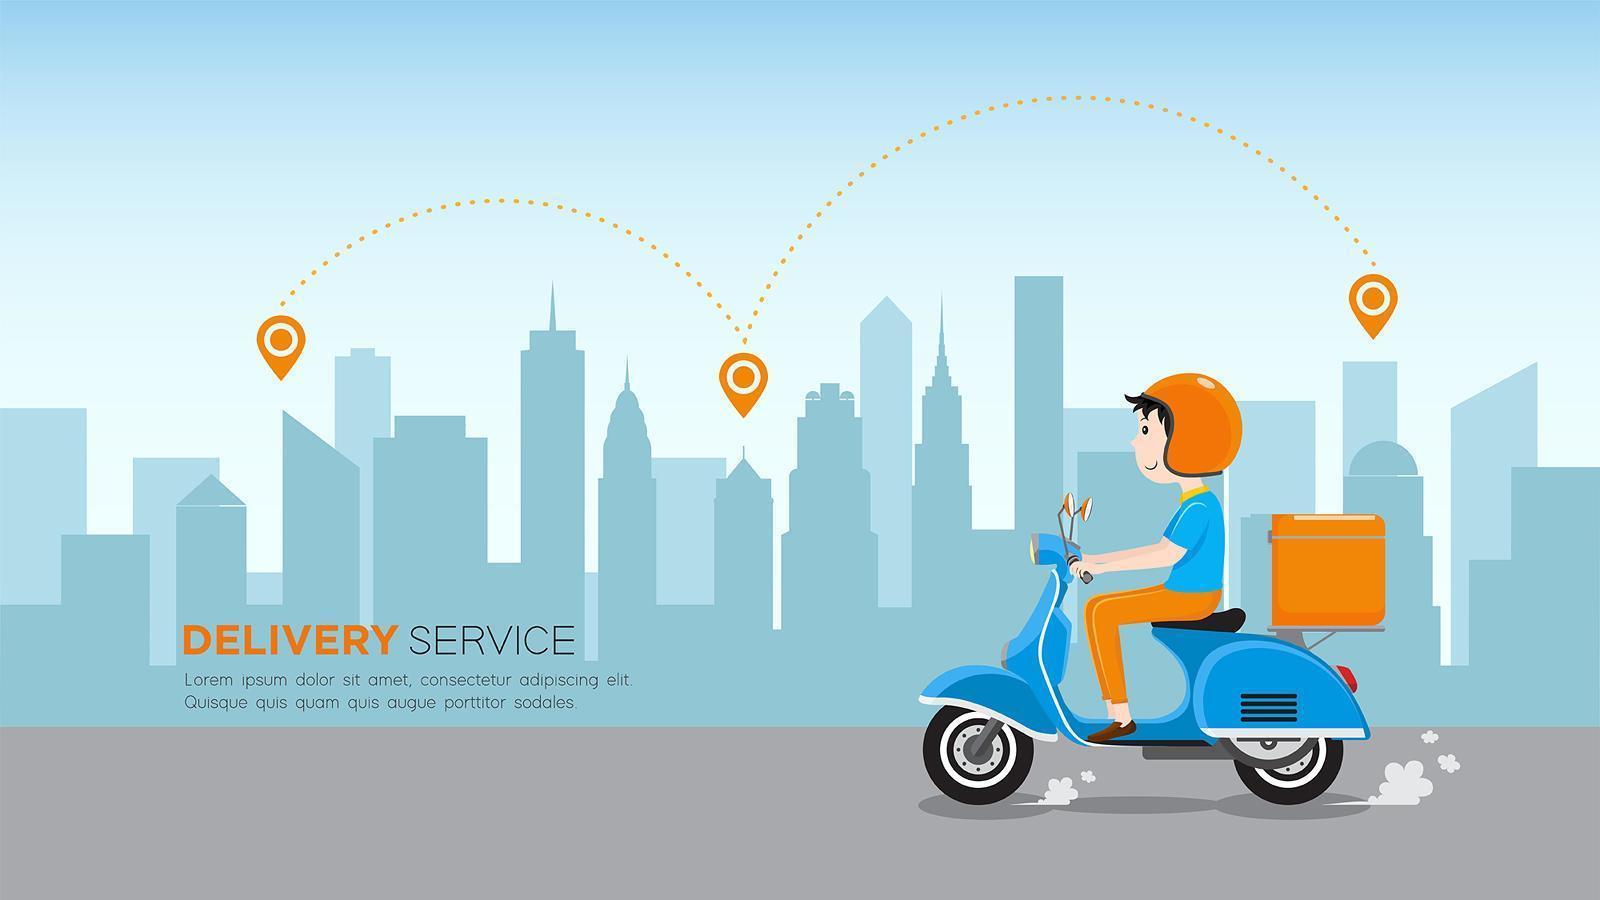 servicio de entrega comercial durante el día vector